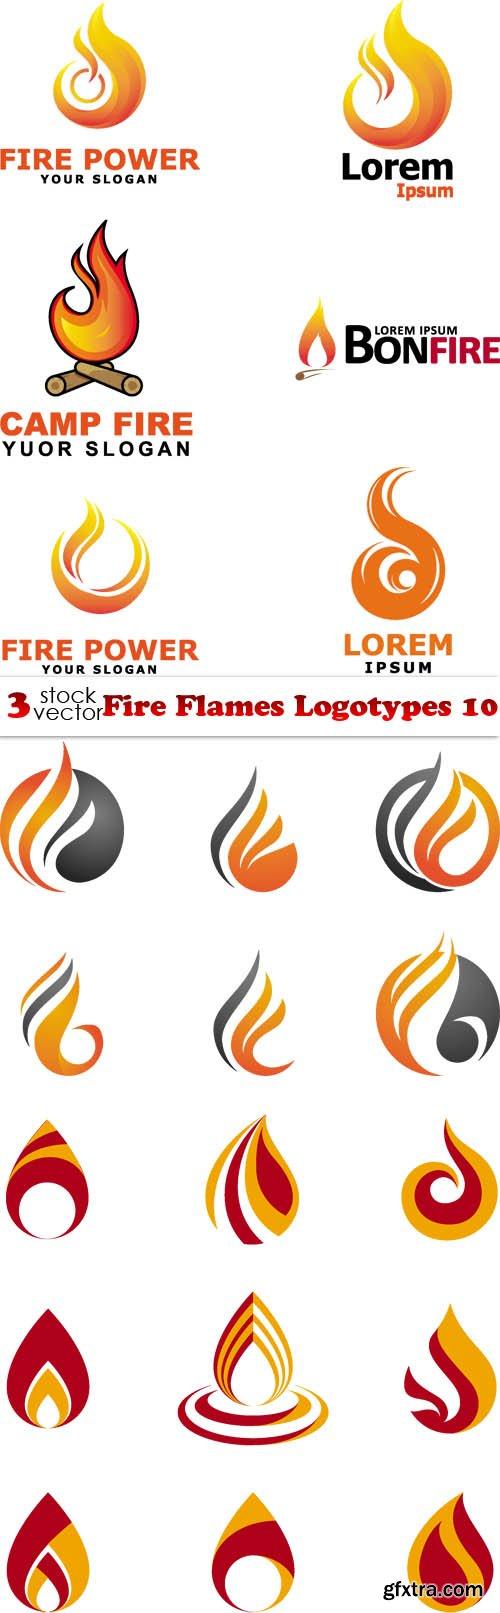 Vectors - Fire Flames Logotypes 10